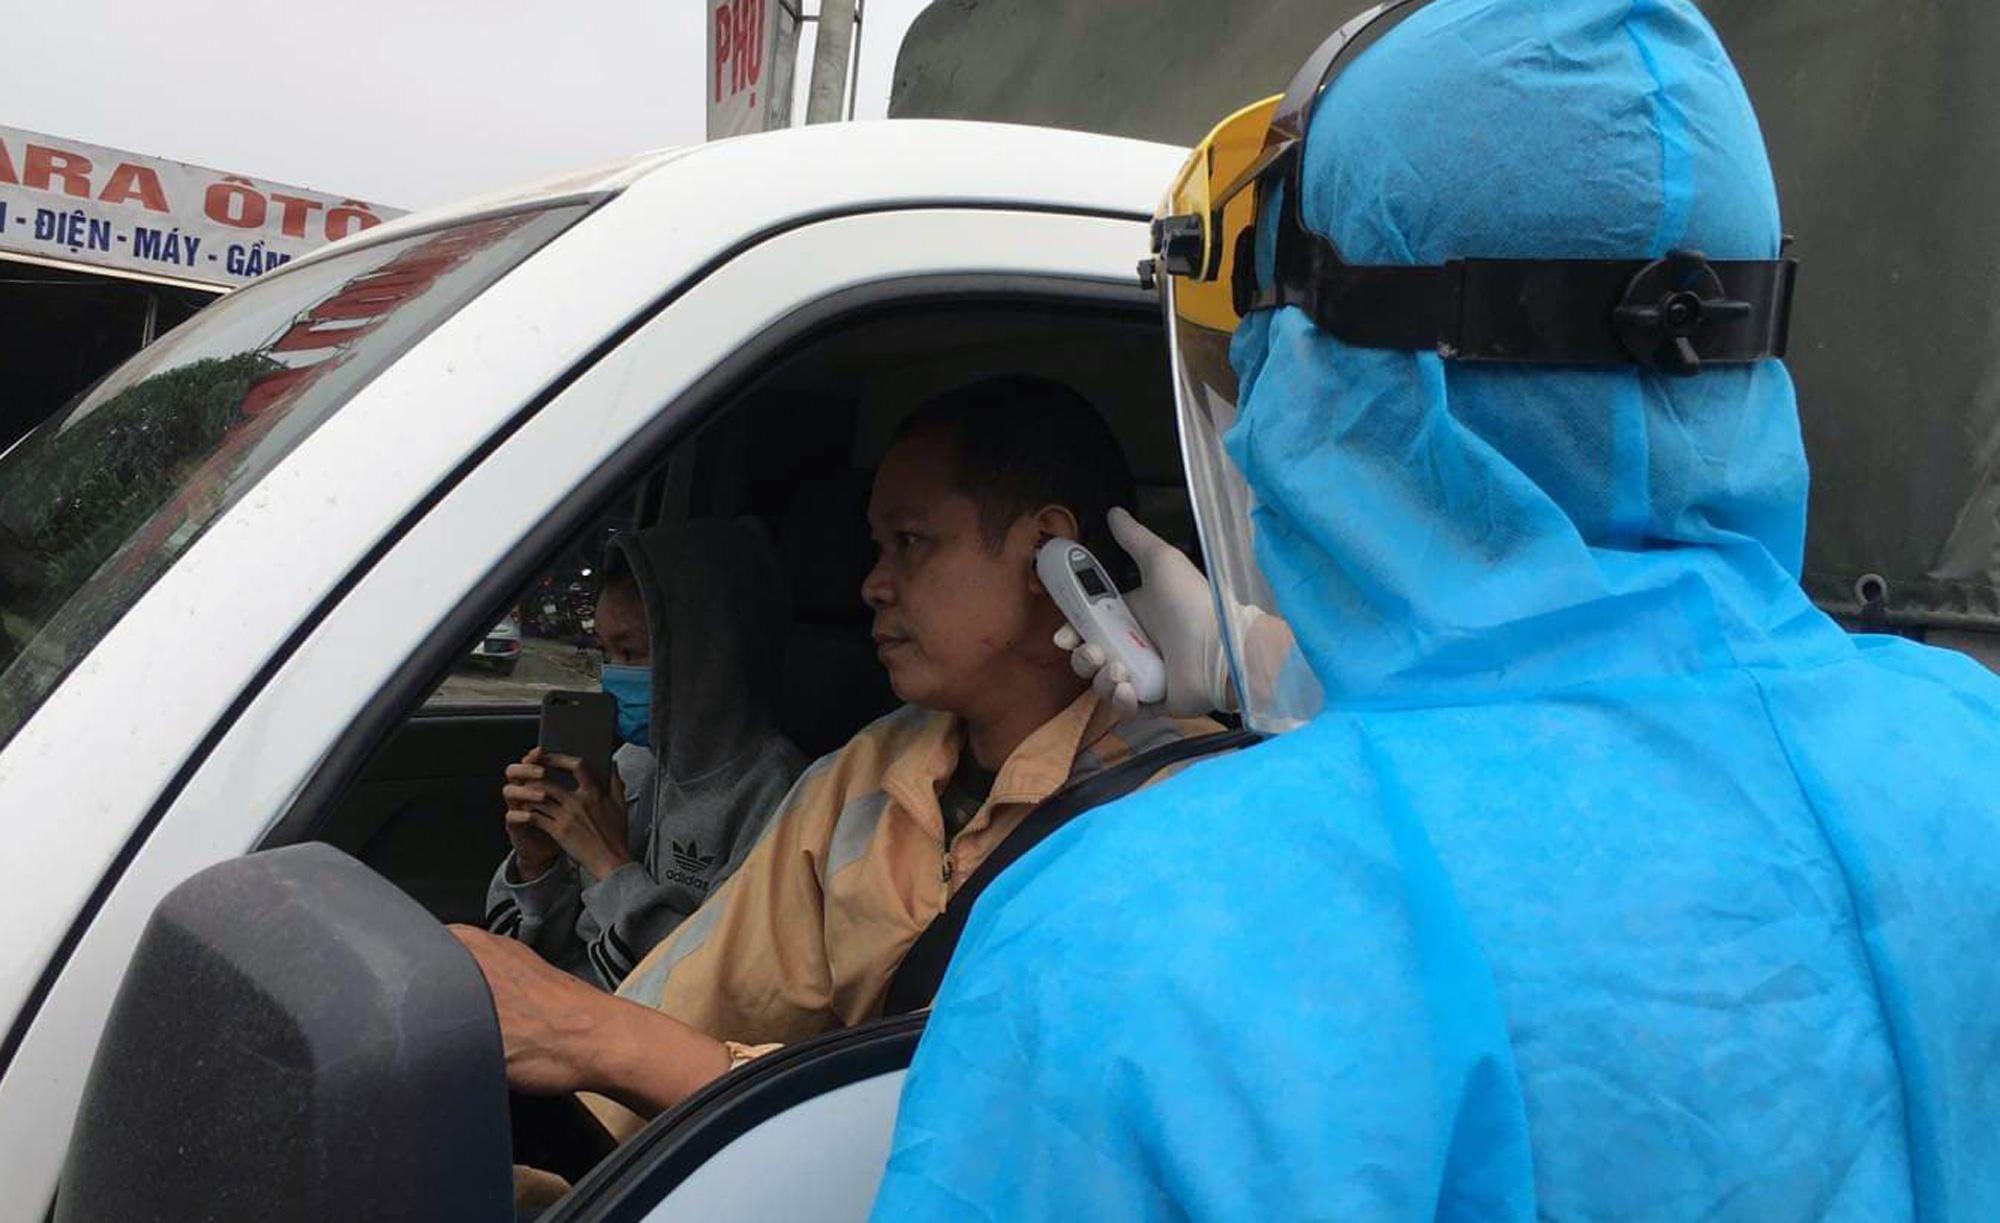 Chốt kiểm soát, giám sát cách li xã hội ở cửa ngõ Thủ đô Hà Nội hoạt động thế nào? - Ảnh 9.